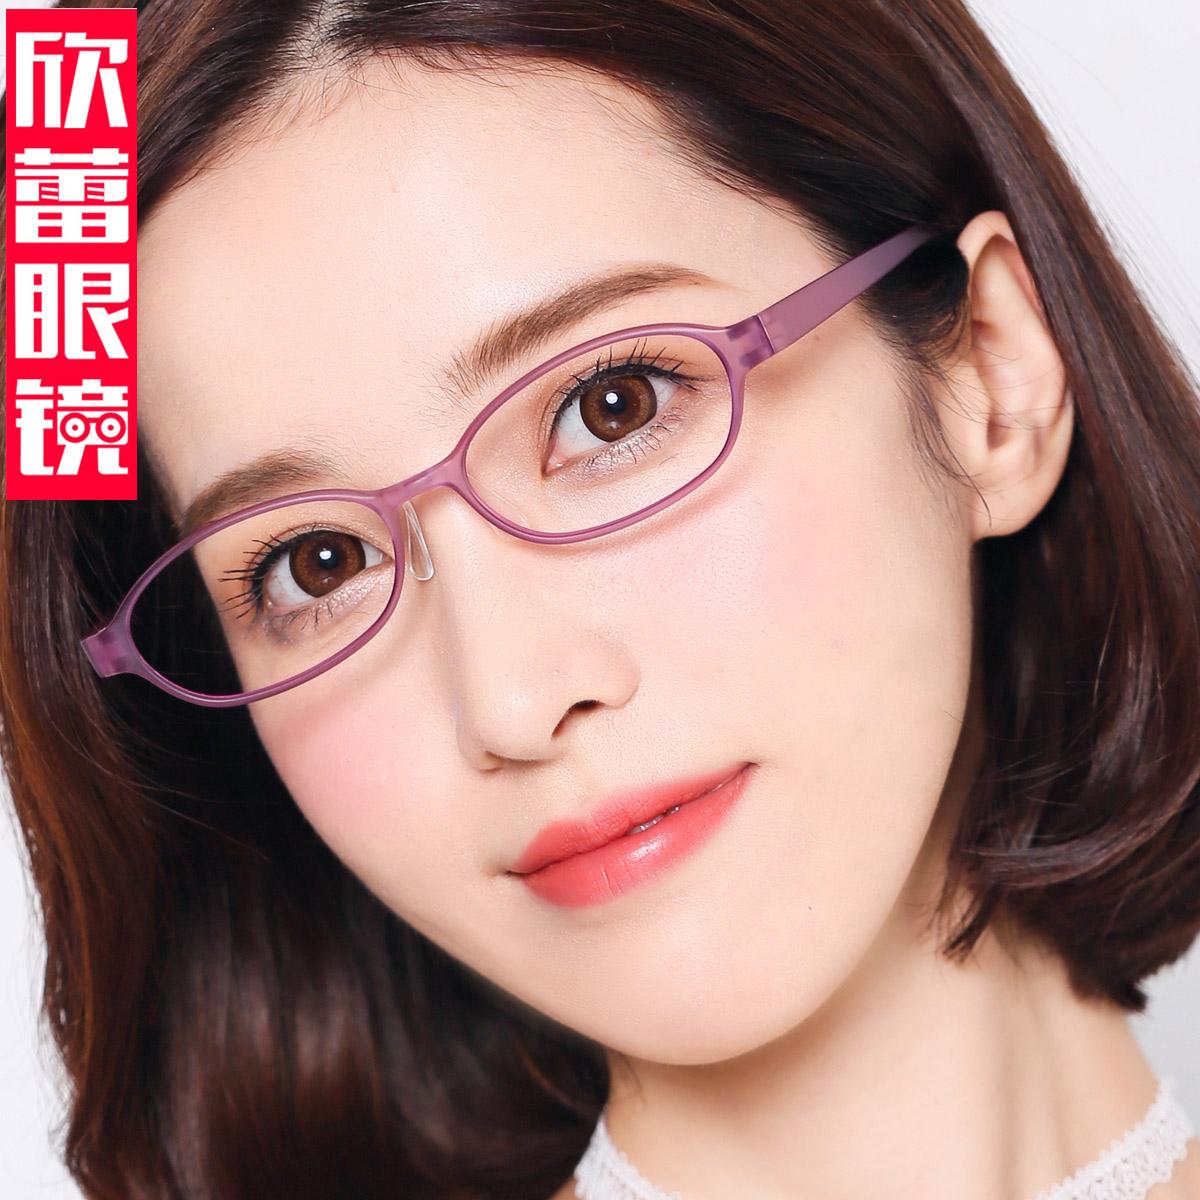 欣蕾近视眼镜女超轻眼镜框近视女款高度数仅几克眼镜框女潮tr90